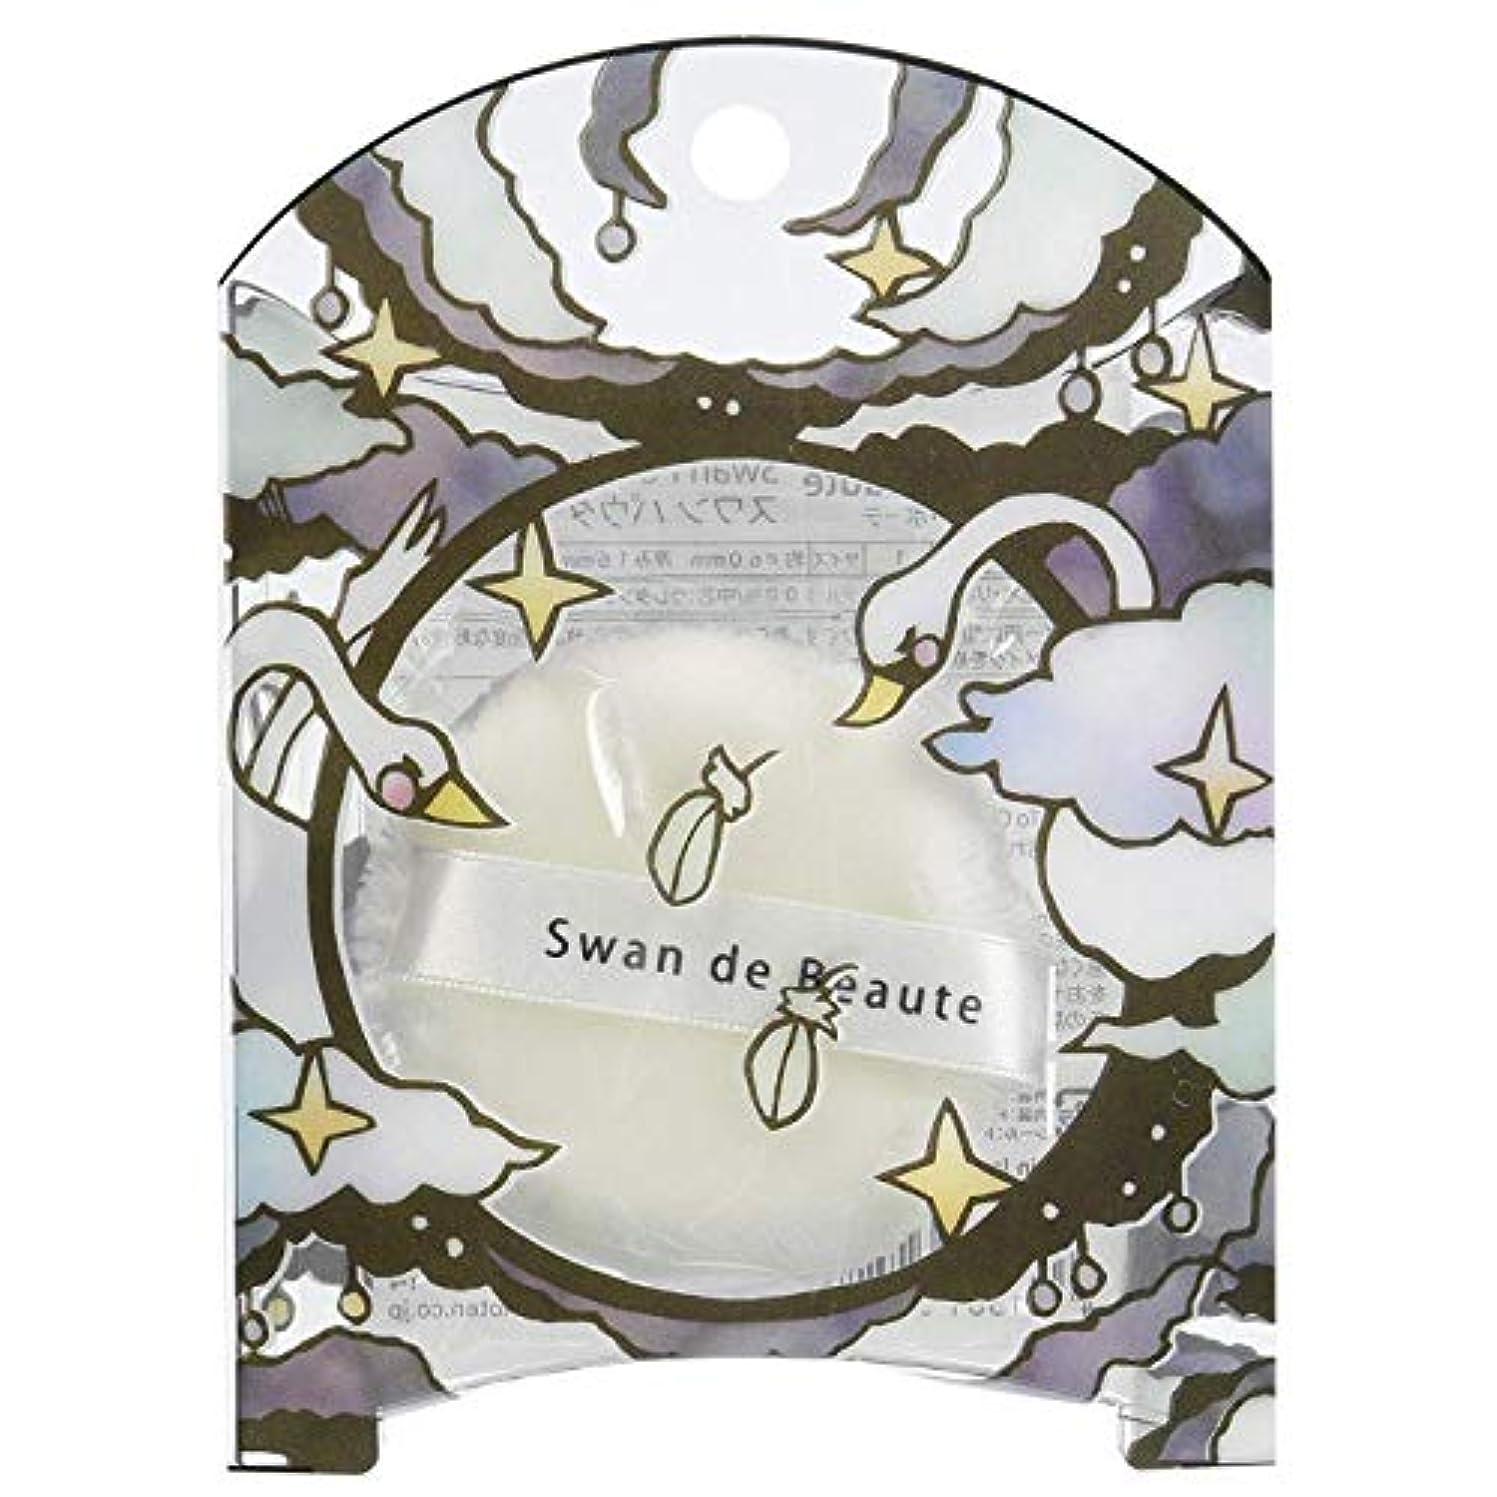 グリップハード一口swan de beaute(スワン?ド?ボーテ) スワン パウダーパフ SWAN-02 (1個)